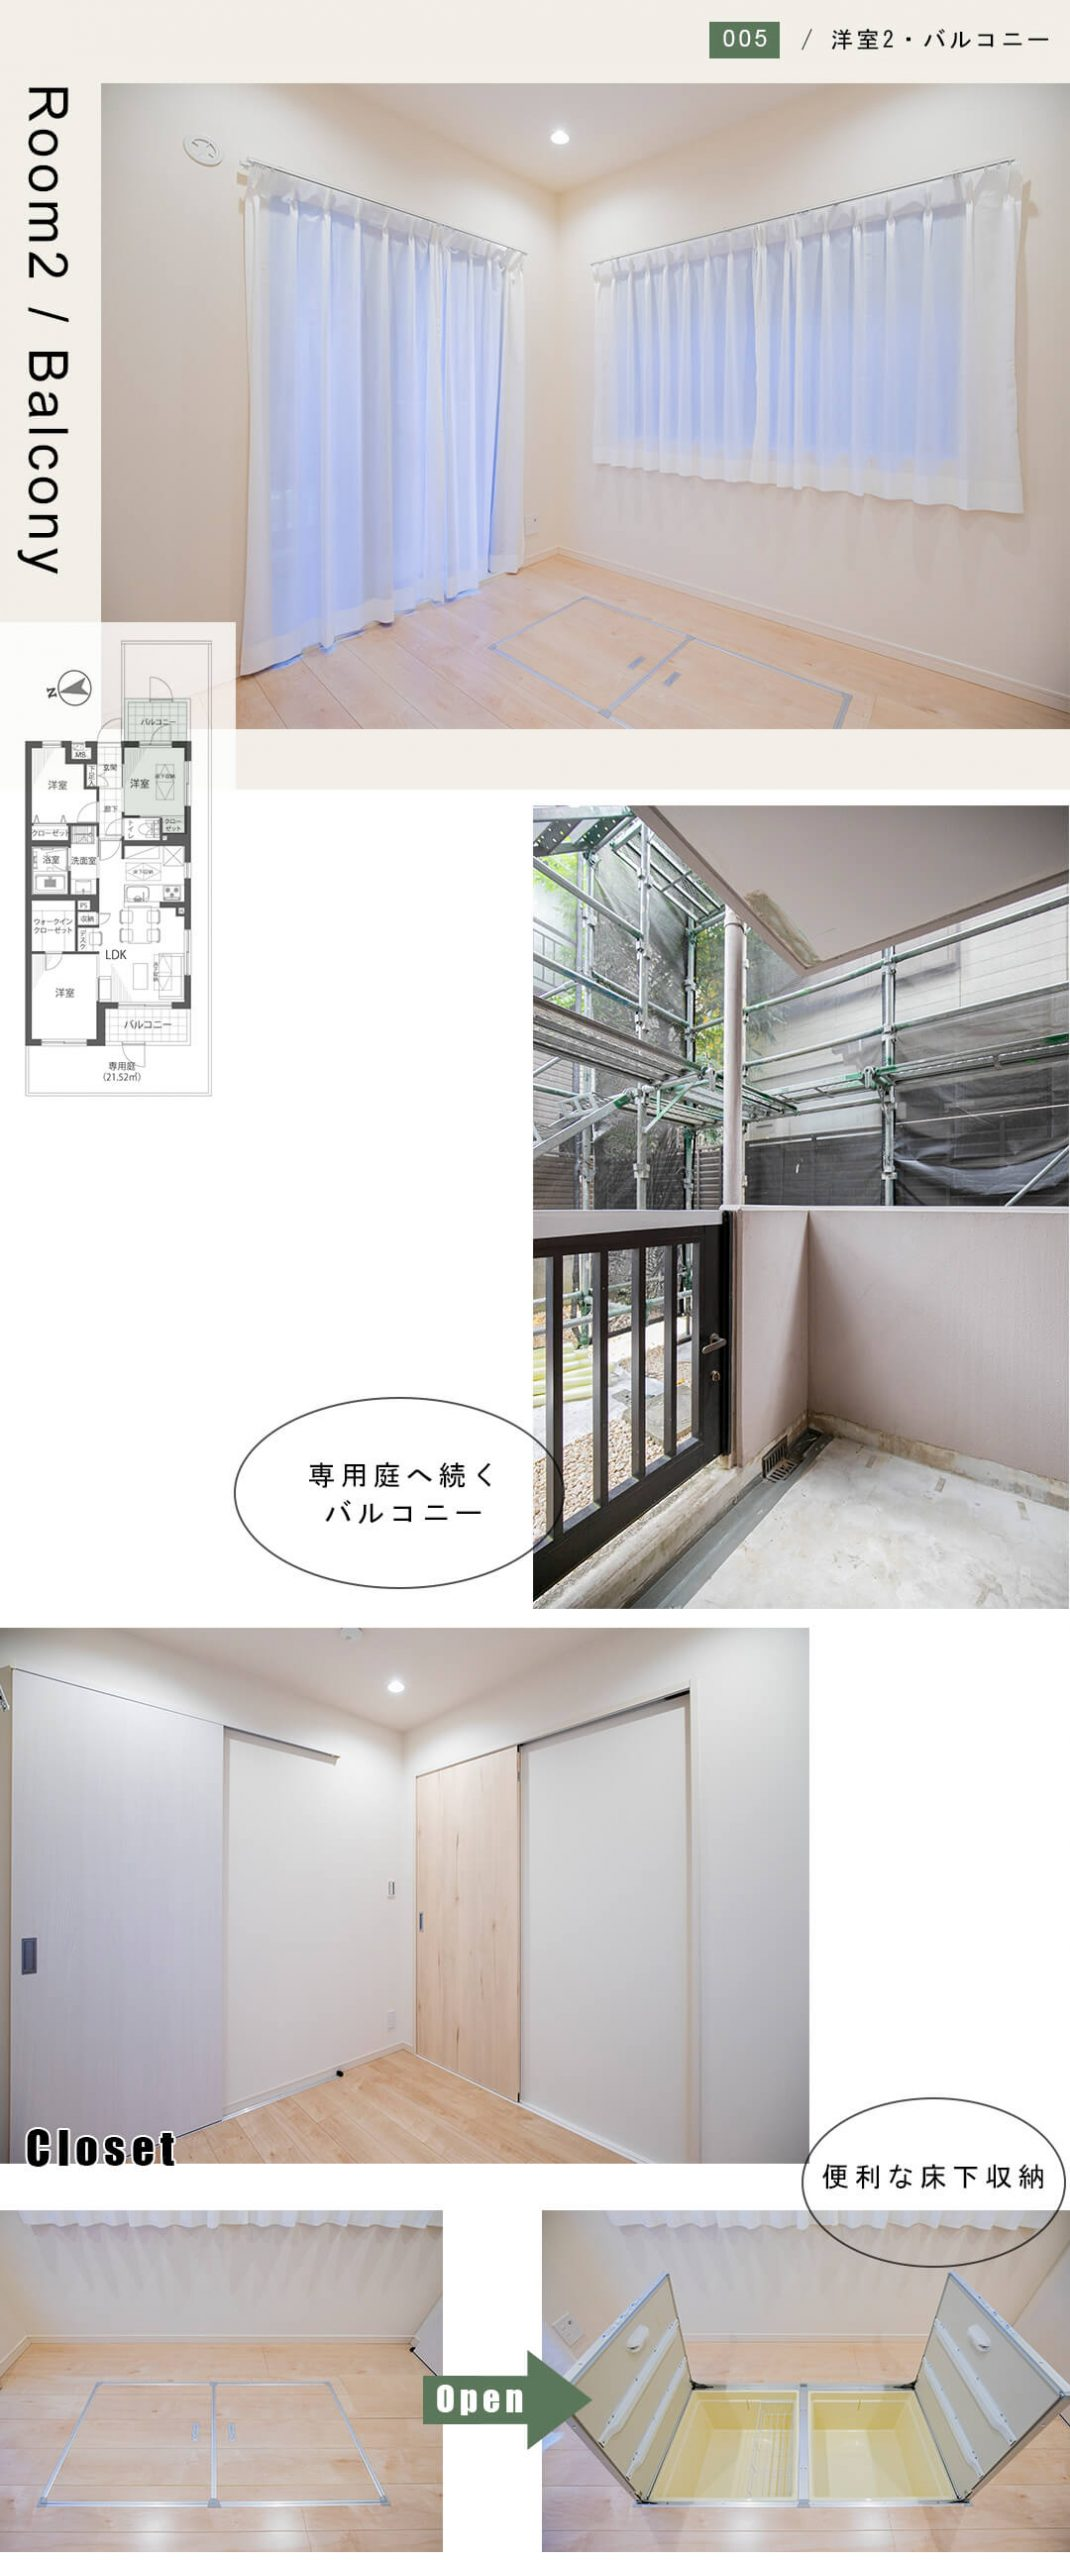 ガーデンホーム早稲田の洋室とバルコニー